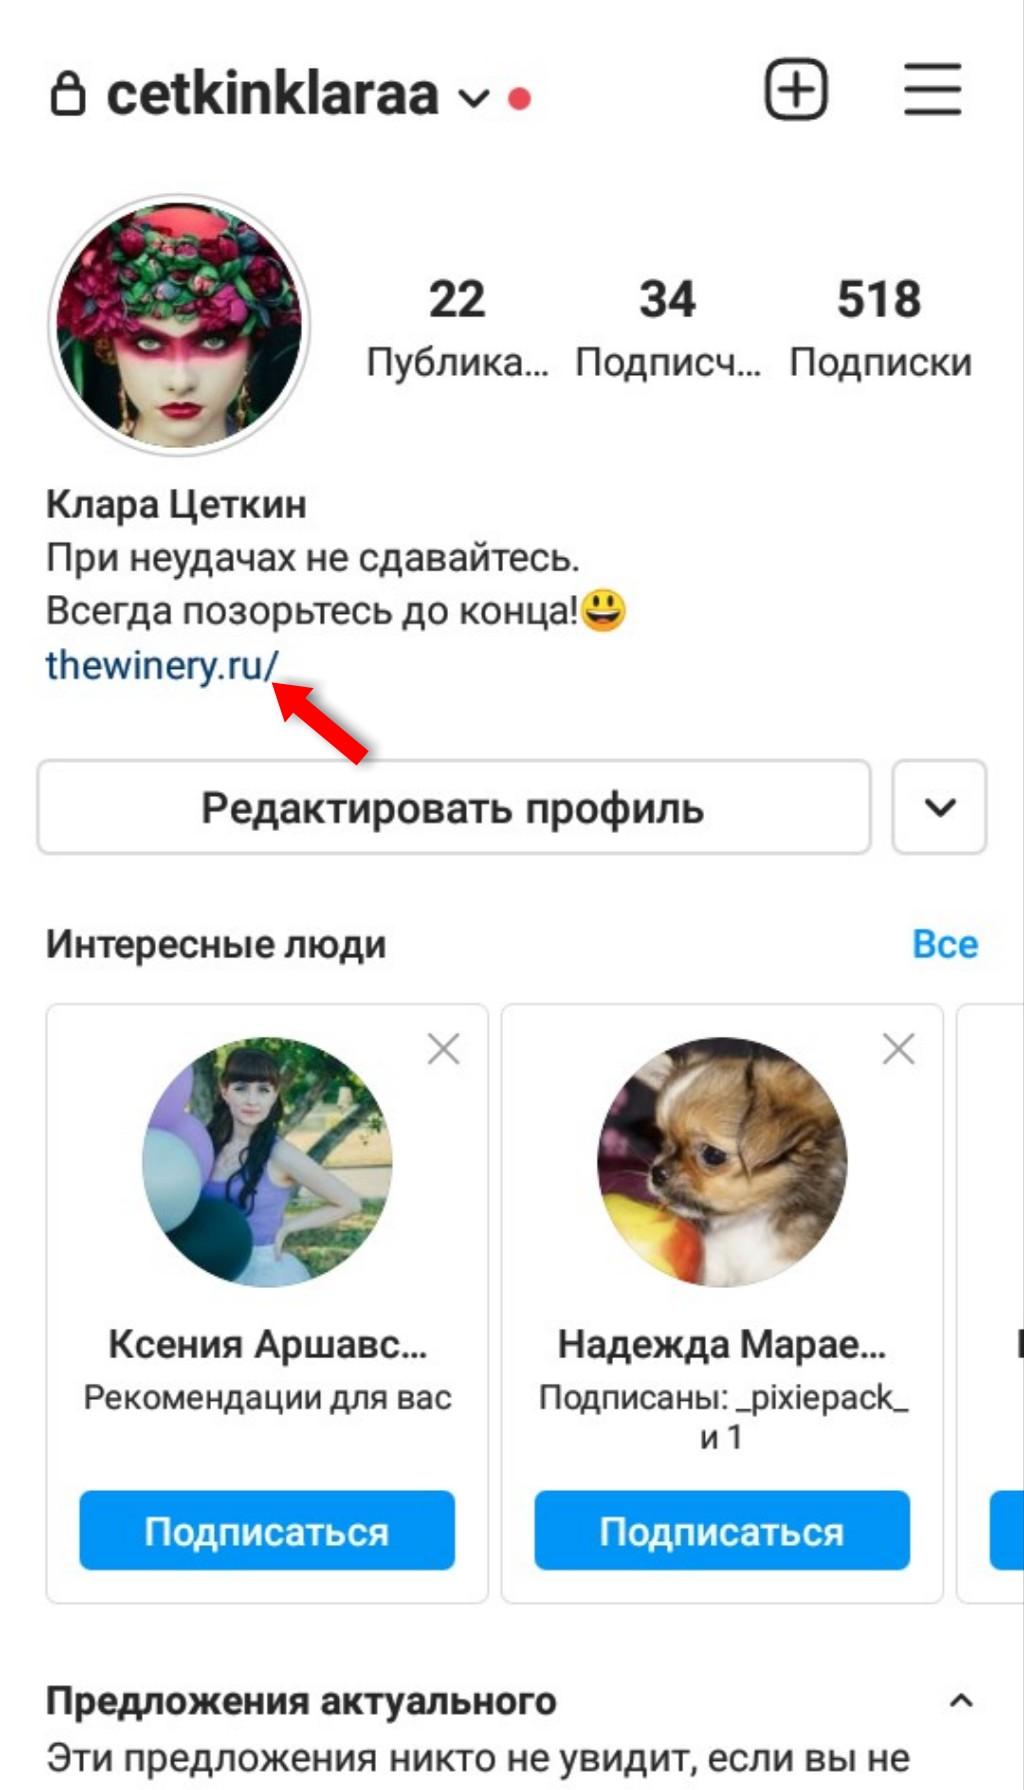 InFrame_1626794941059.jpg